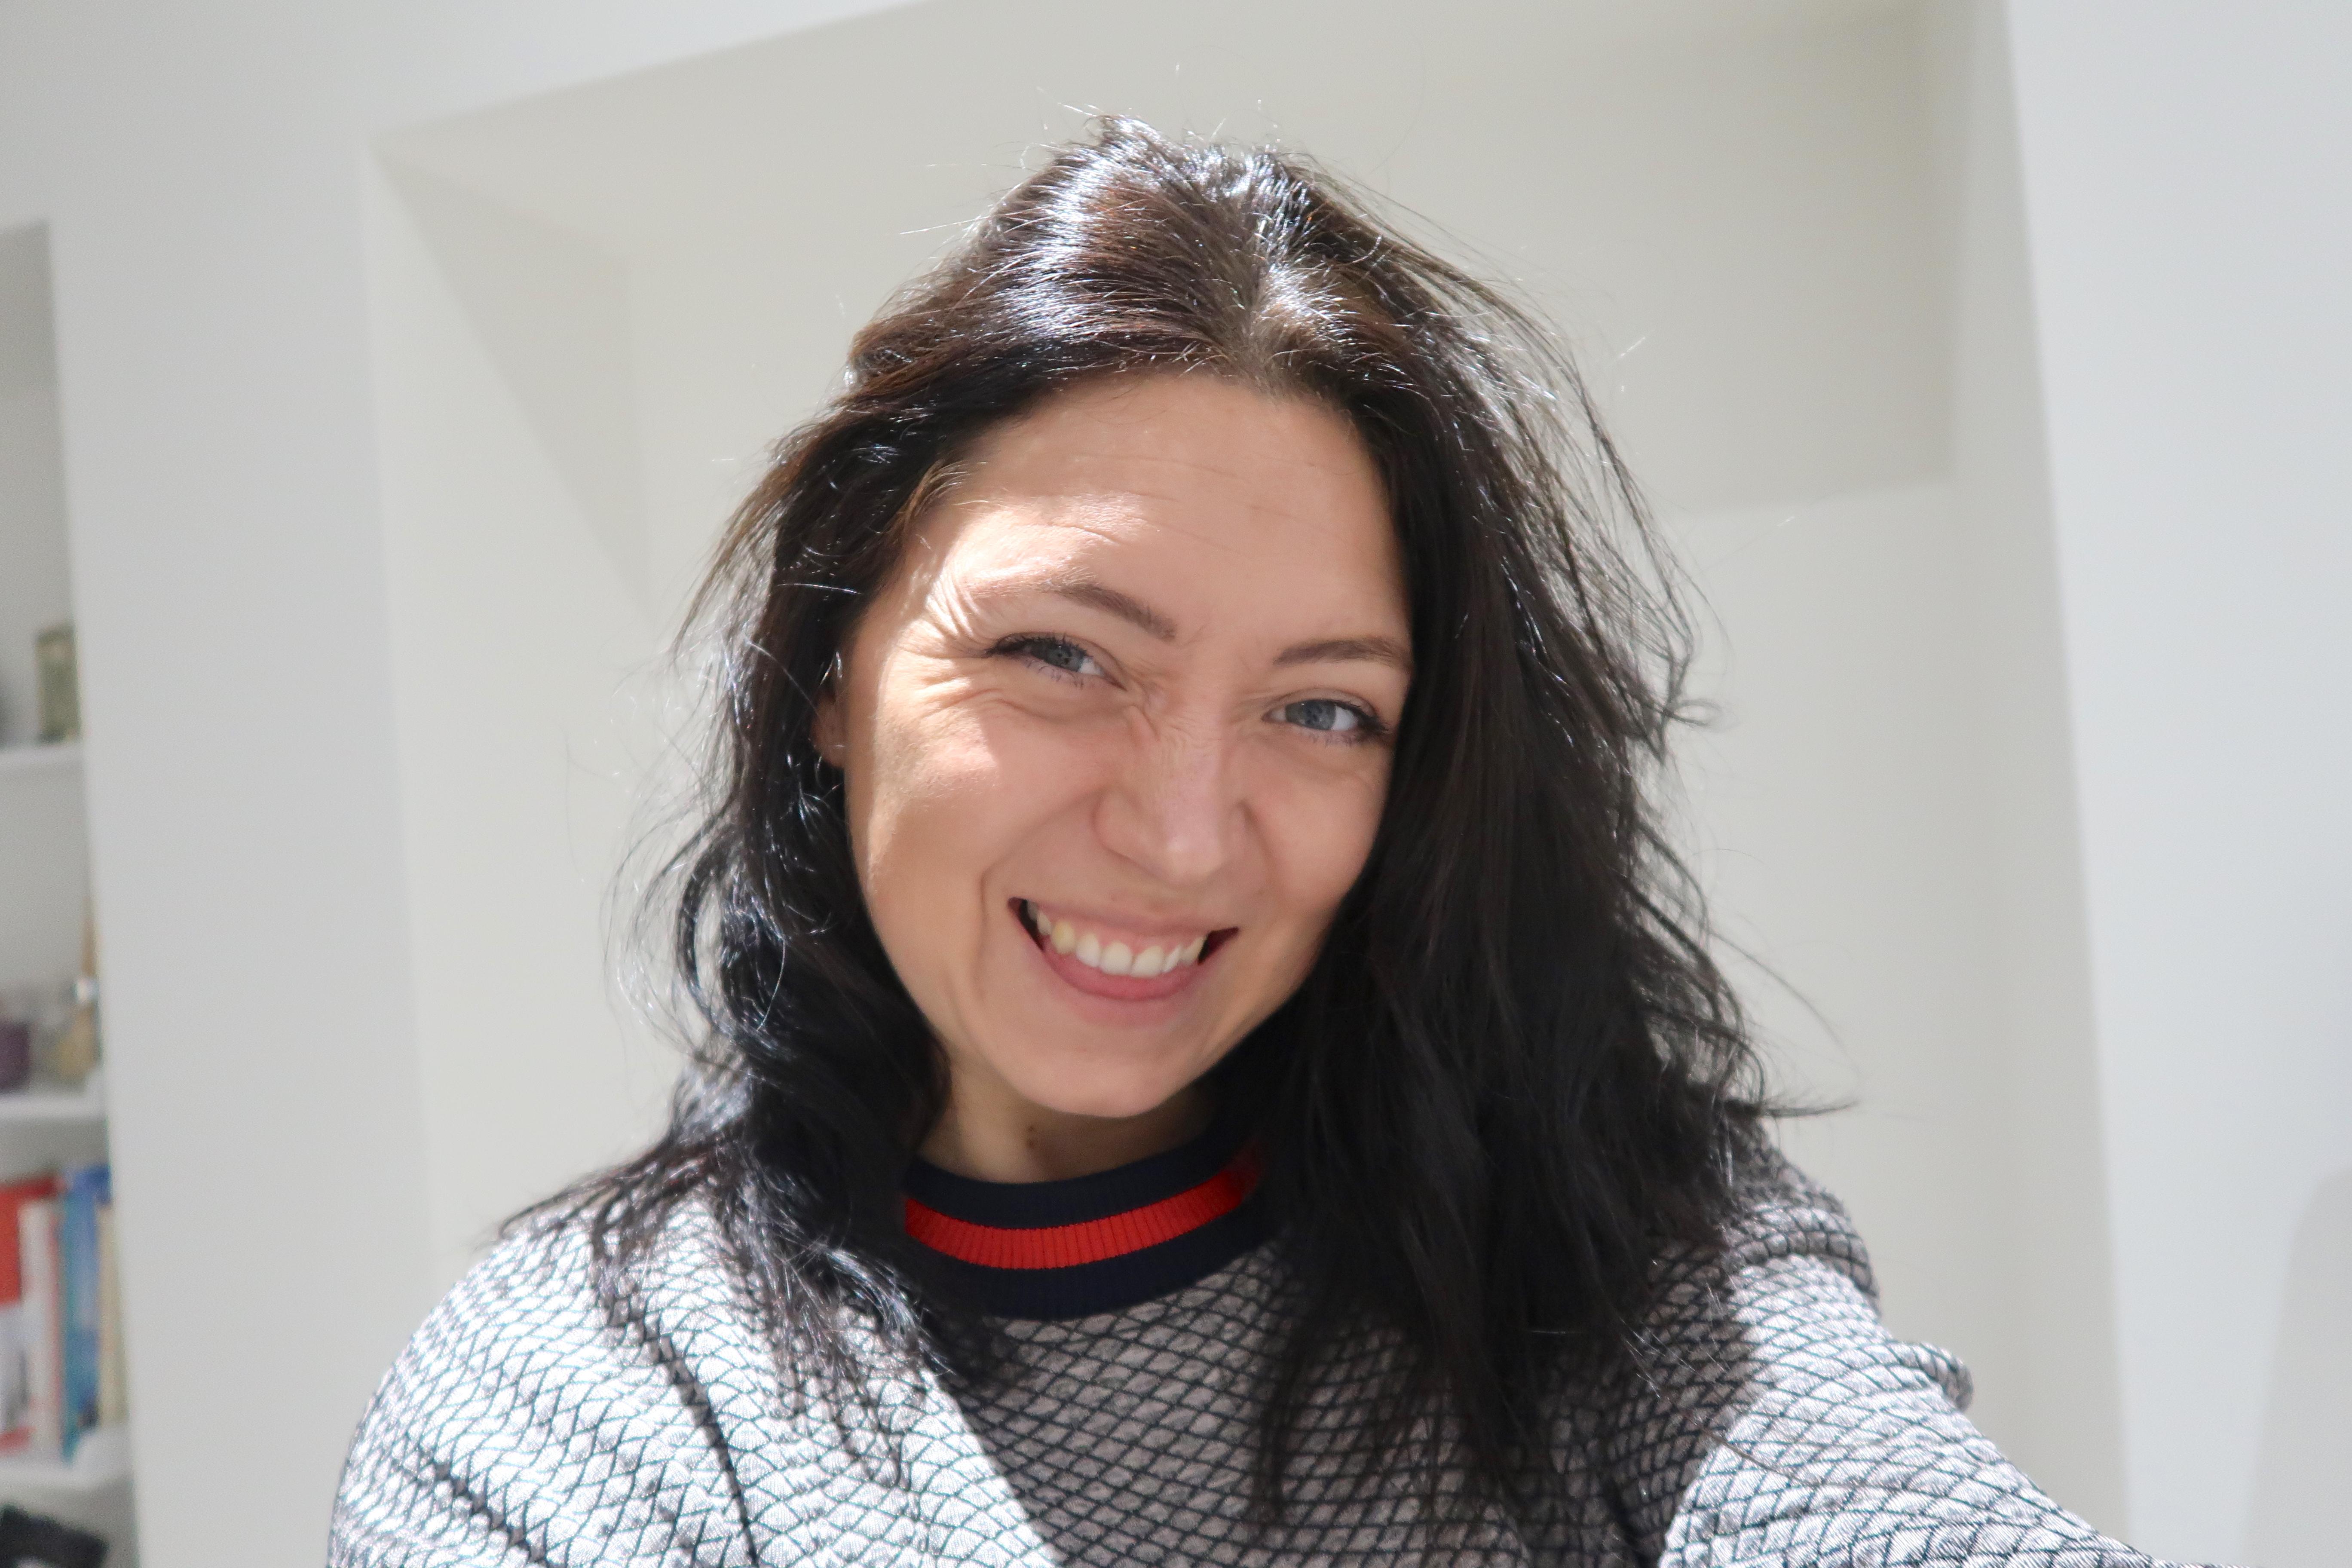 Stefanie Grace blogger